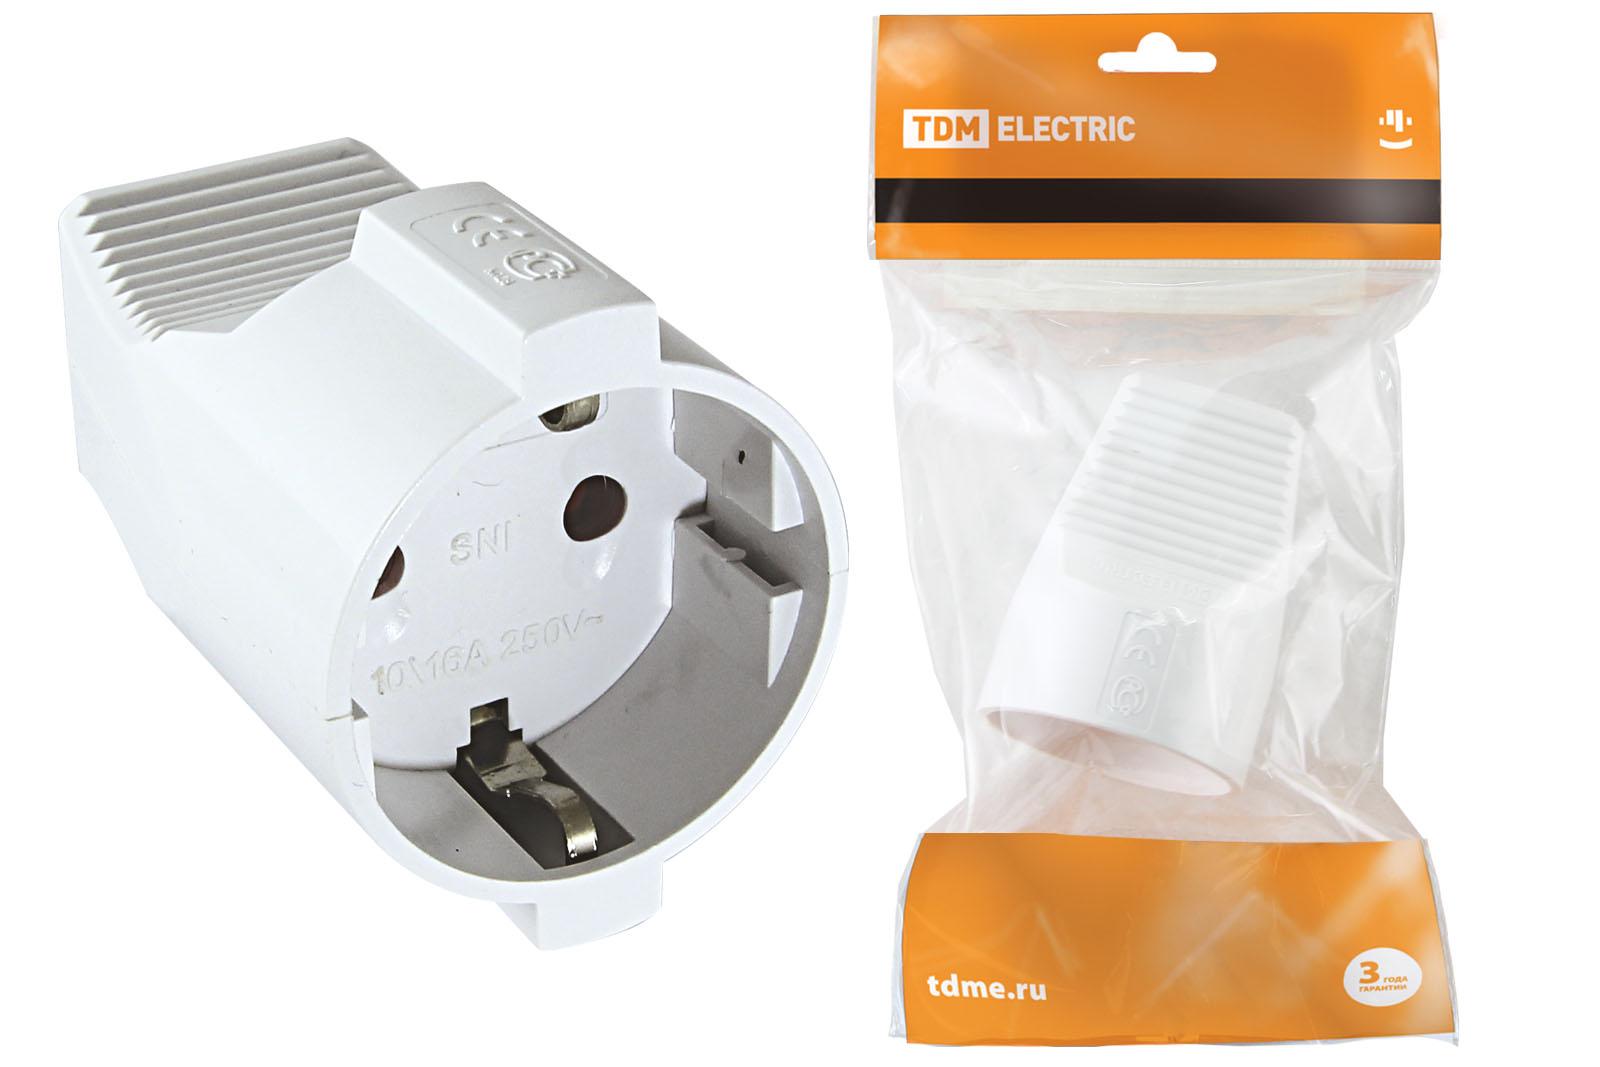 Розетка кабельная ТДМАксессуары для электромонтажа<br>Тип аксессуара: розетка, Степень защиты от пыли и влаги: IP 20, Сила тока: 16, Заземление: есть, Цвет: белый, Напряжение: 220<br>